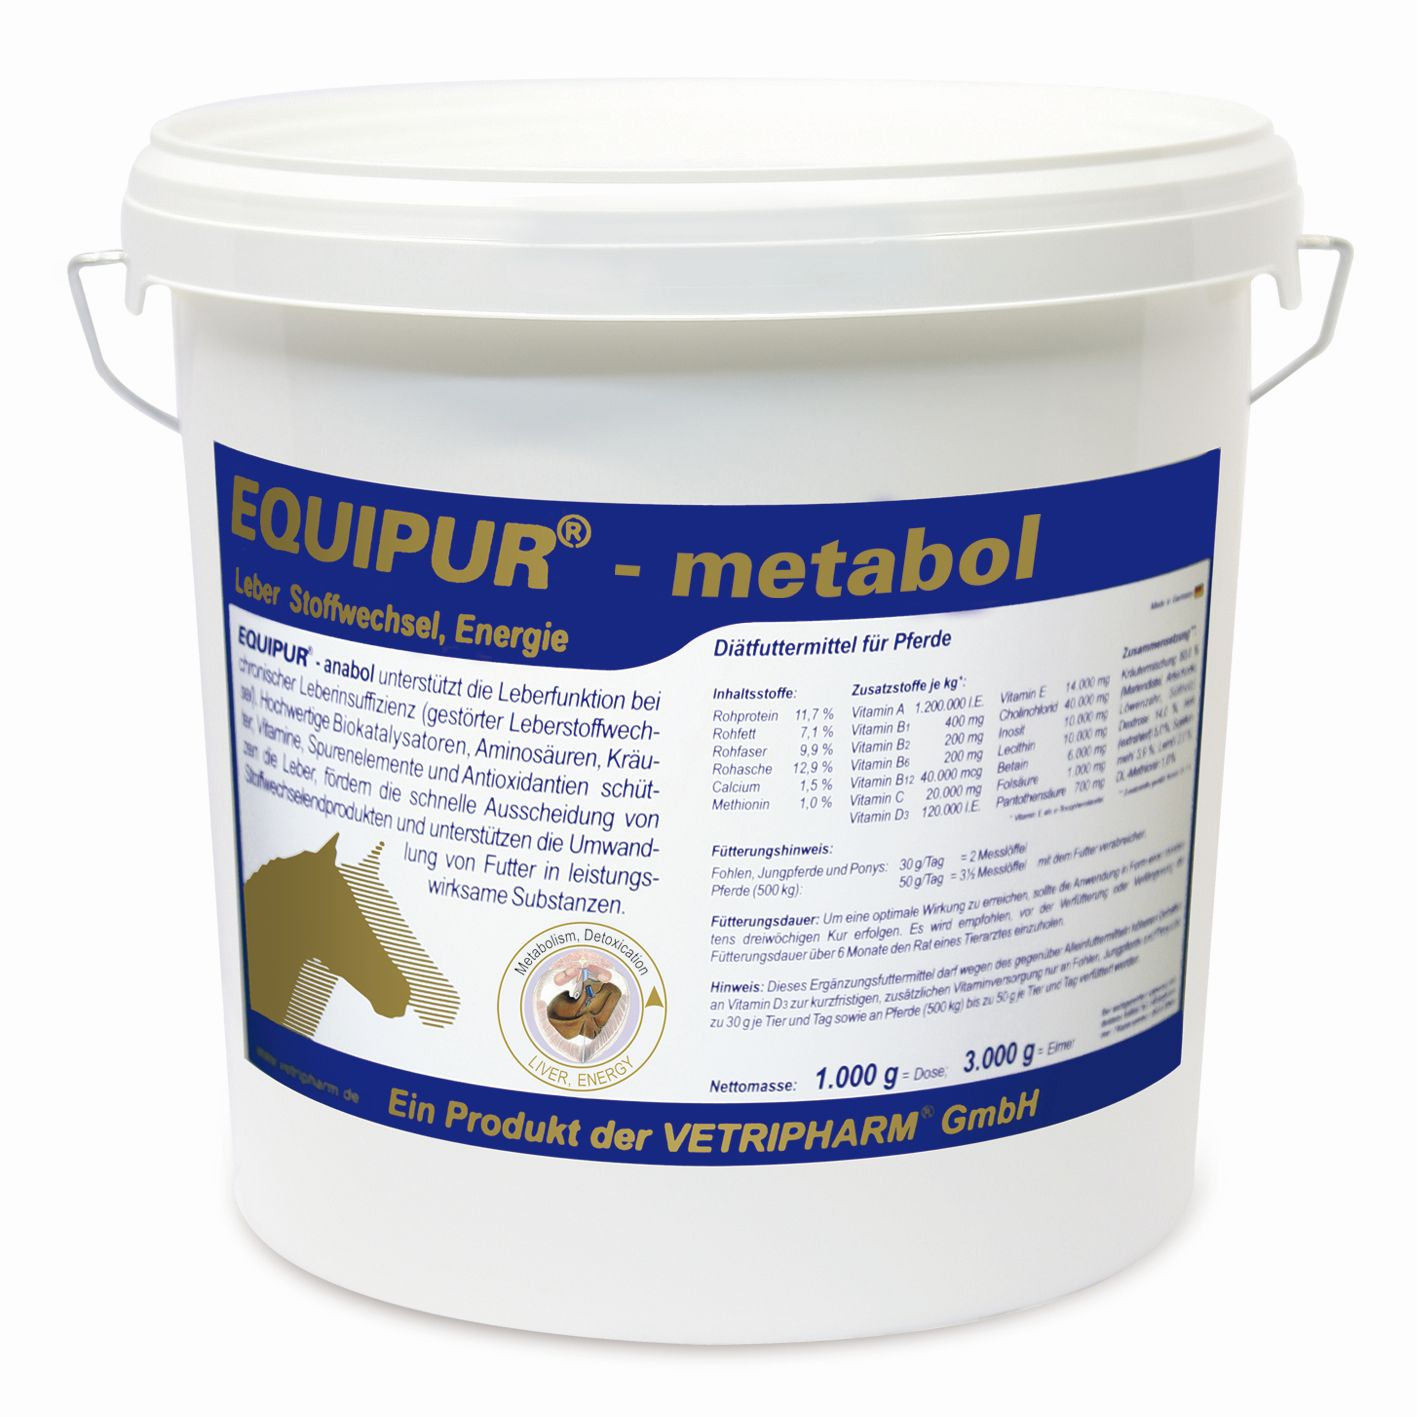 Vetripharm Equipur metabol